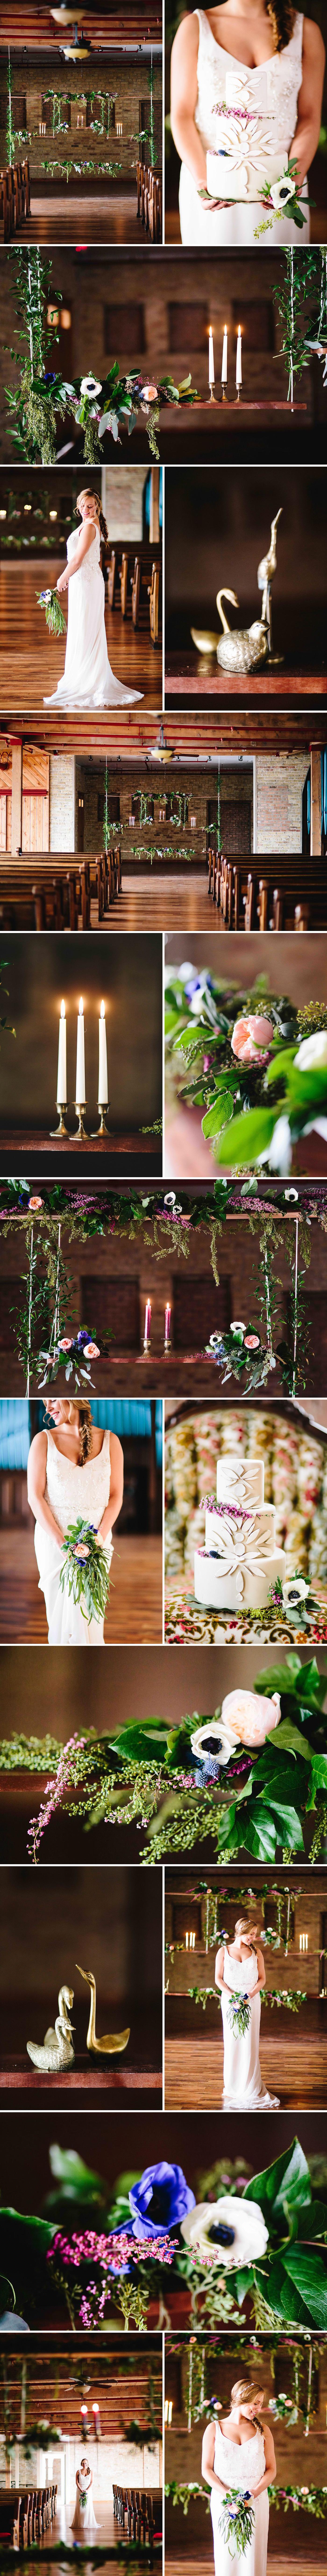 chicago-fine-art-wedding-photography-starline2